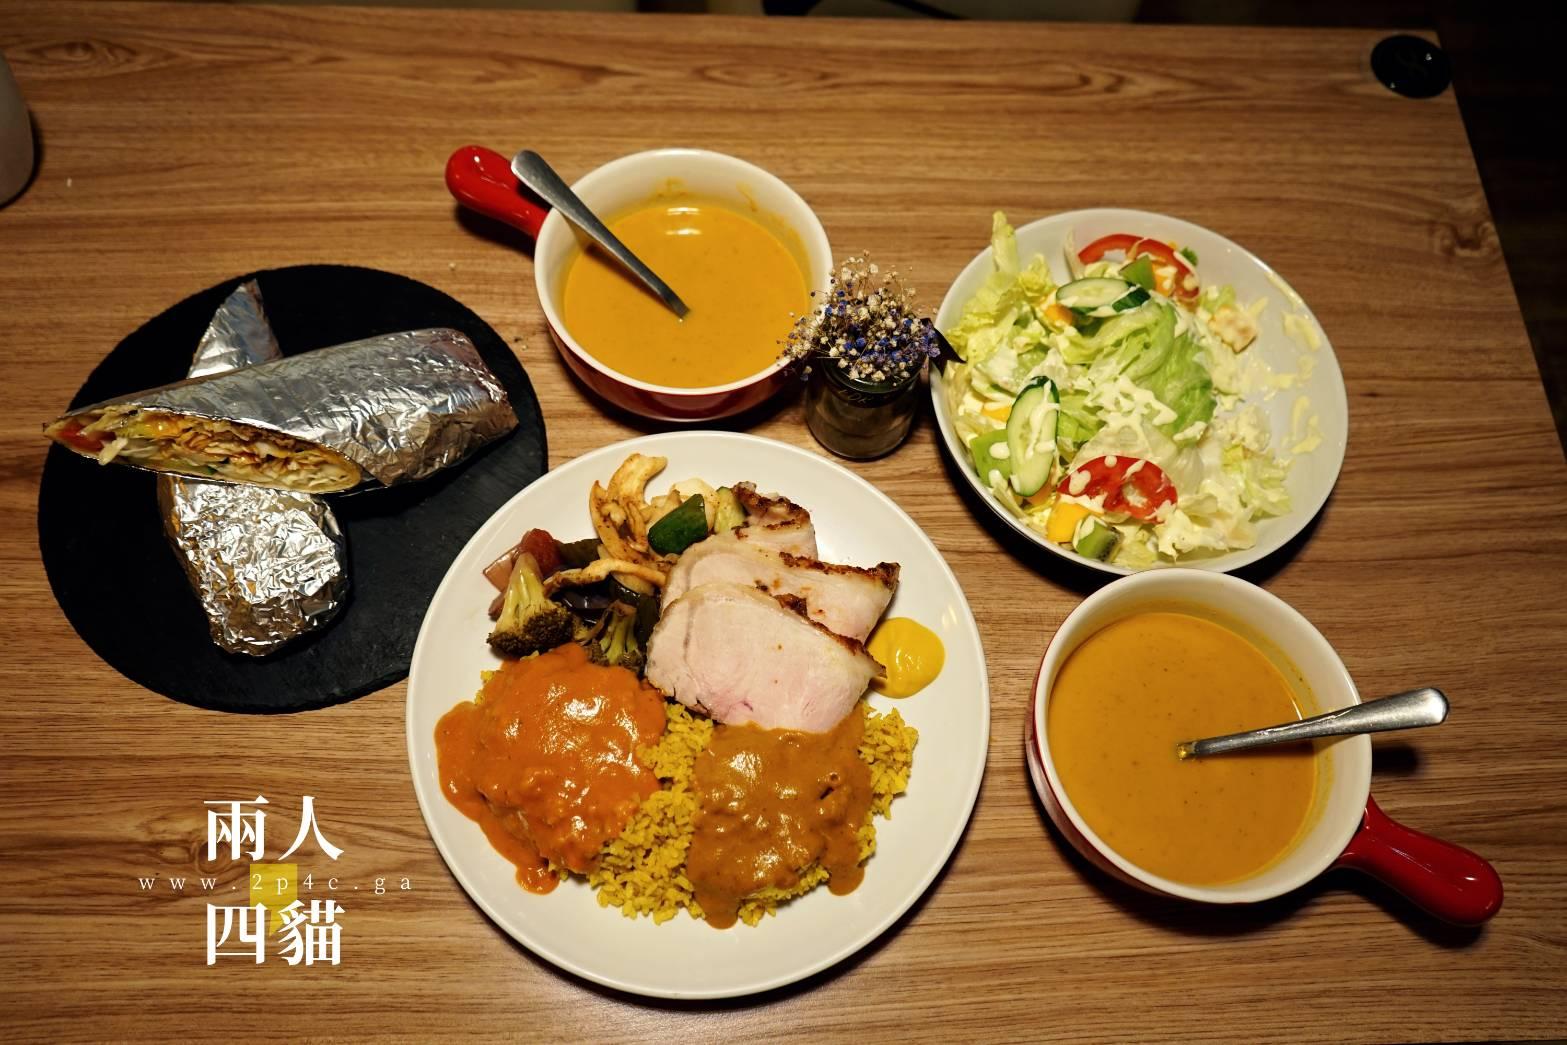 【台北|美食】師大商圈超酷的土耳其異國料理【以勒廚房Jireh Kitchen】每日特餐解決都市人的選擇障礙!